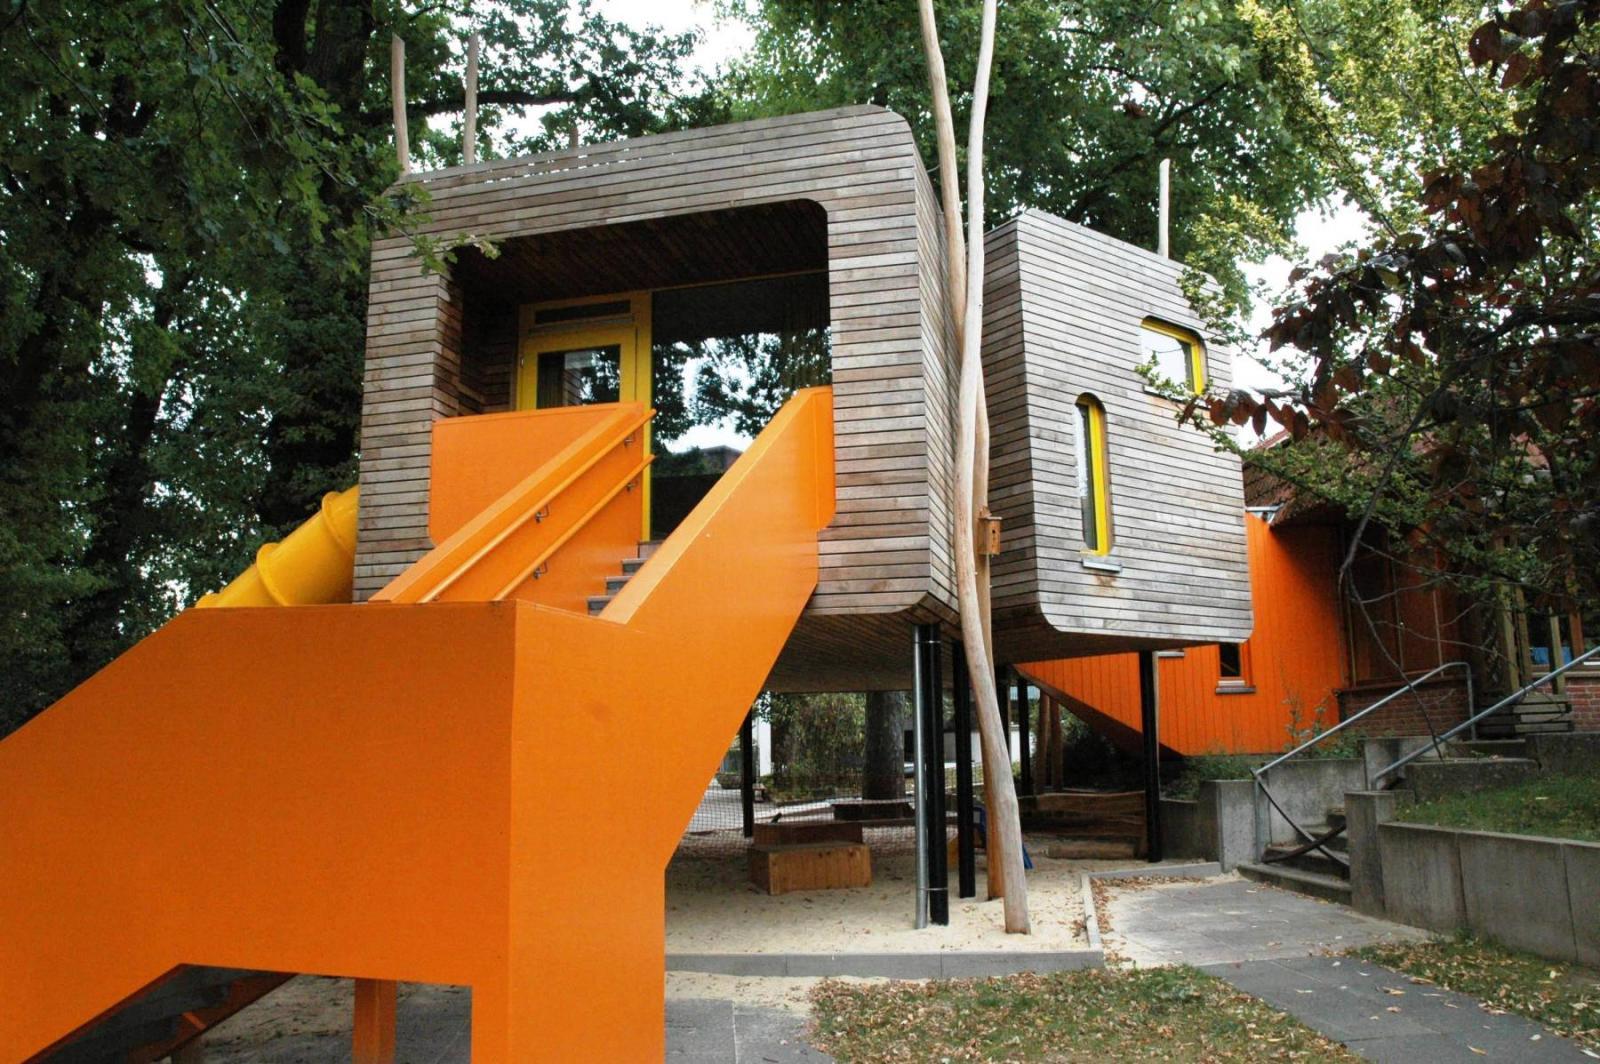 baumhaus der kindertageseinrichtung b nde b nde. Black Bedroom Furniture Sets. Home Design Ideas